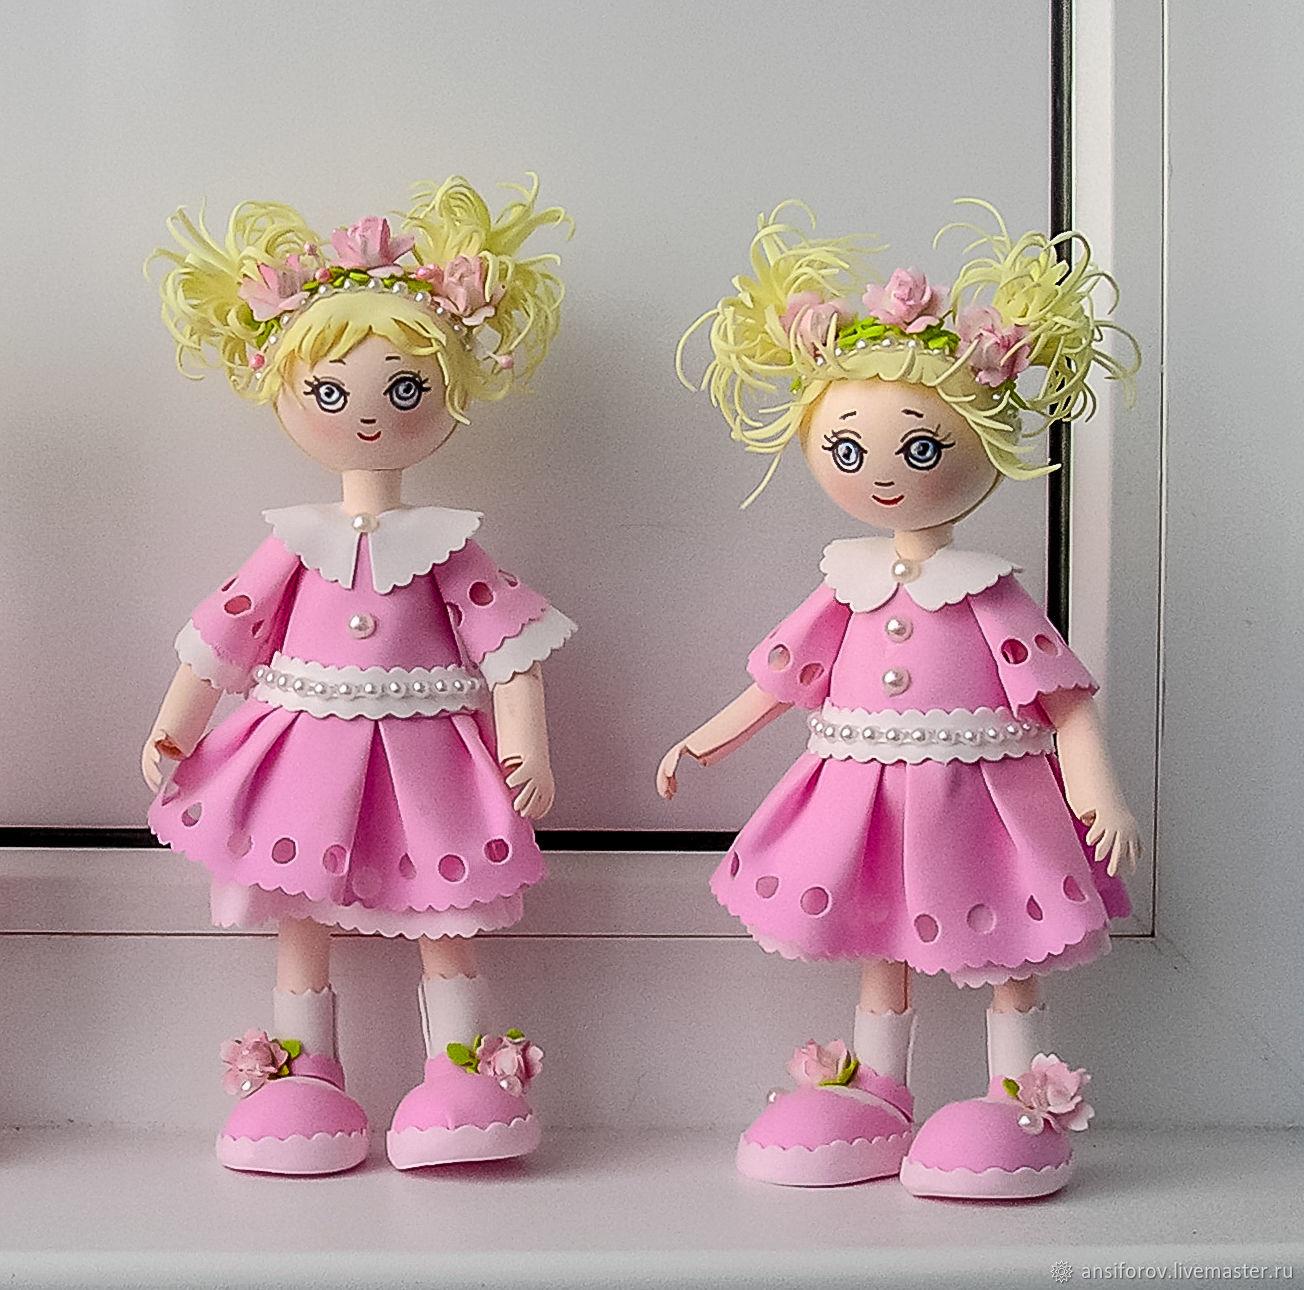 кукла из фоамирана пошагово с фото нас, наверное, помнят